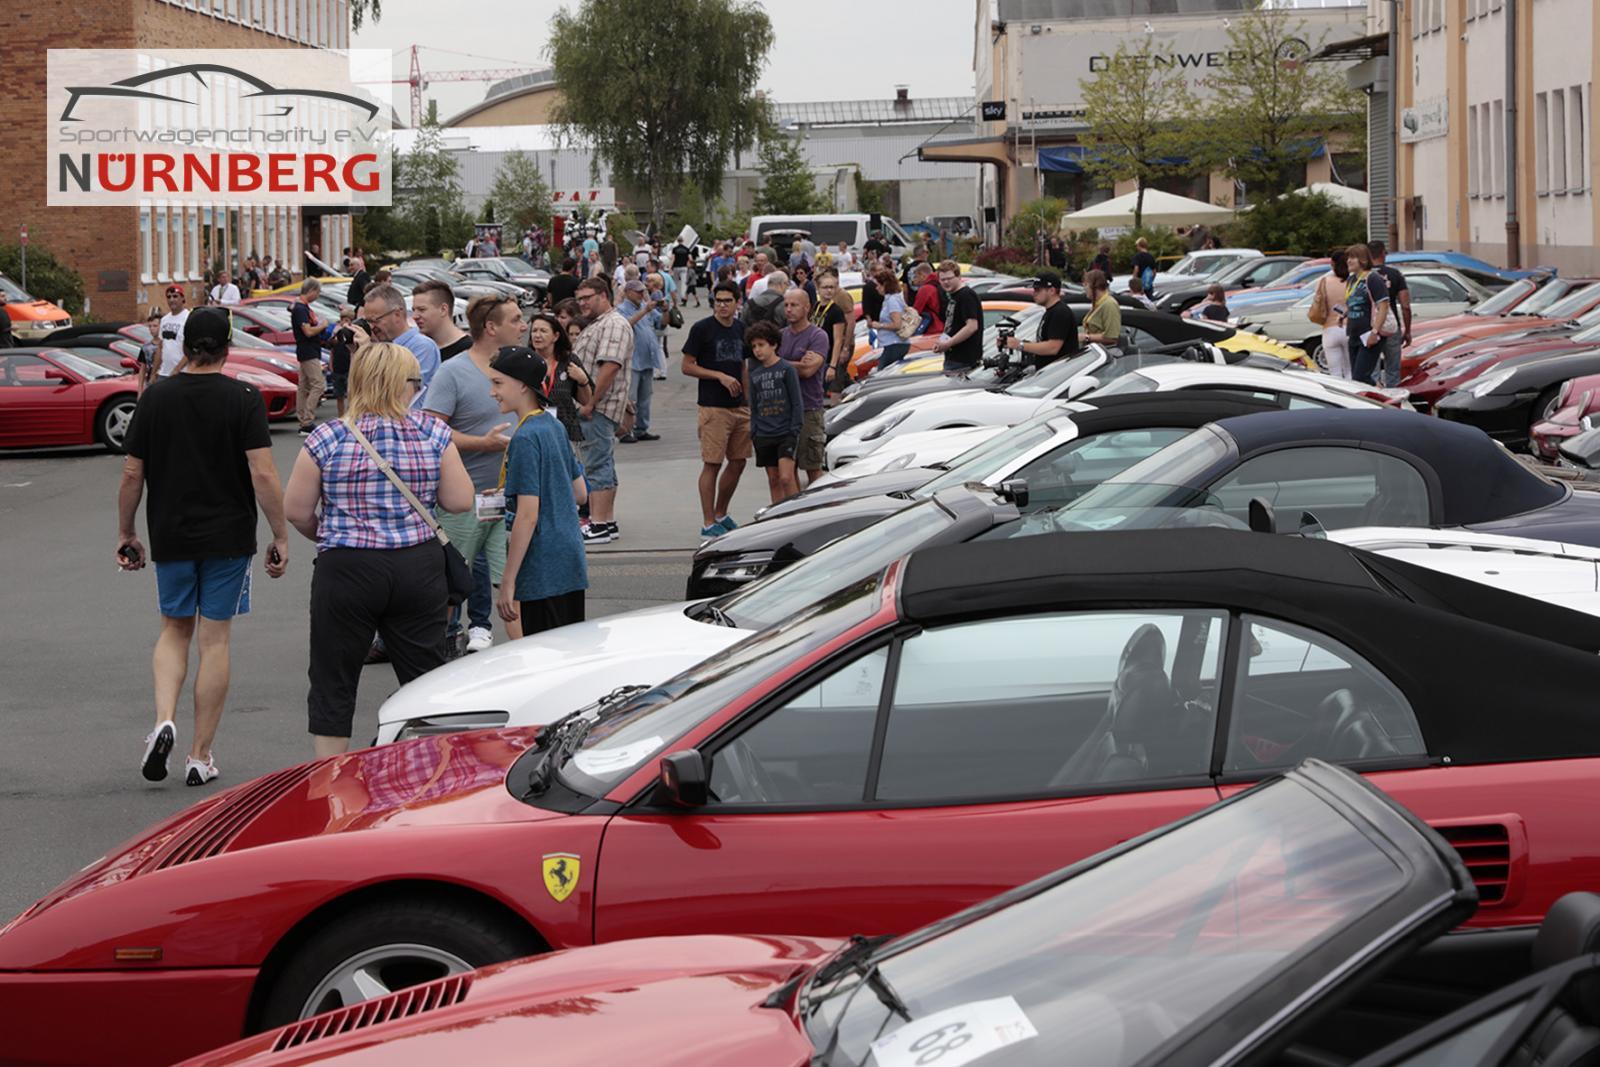 SportwagencharityNuernberg2016_Impressionen2.jpg